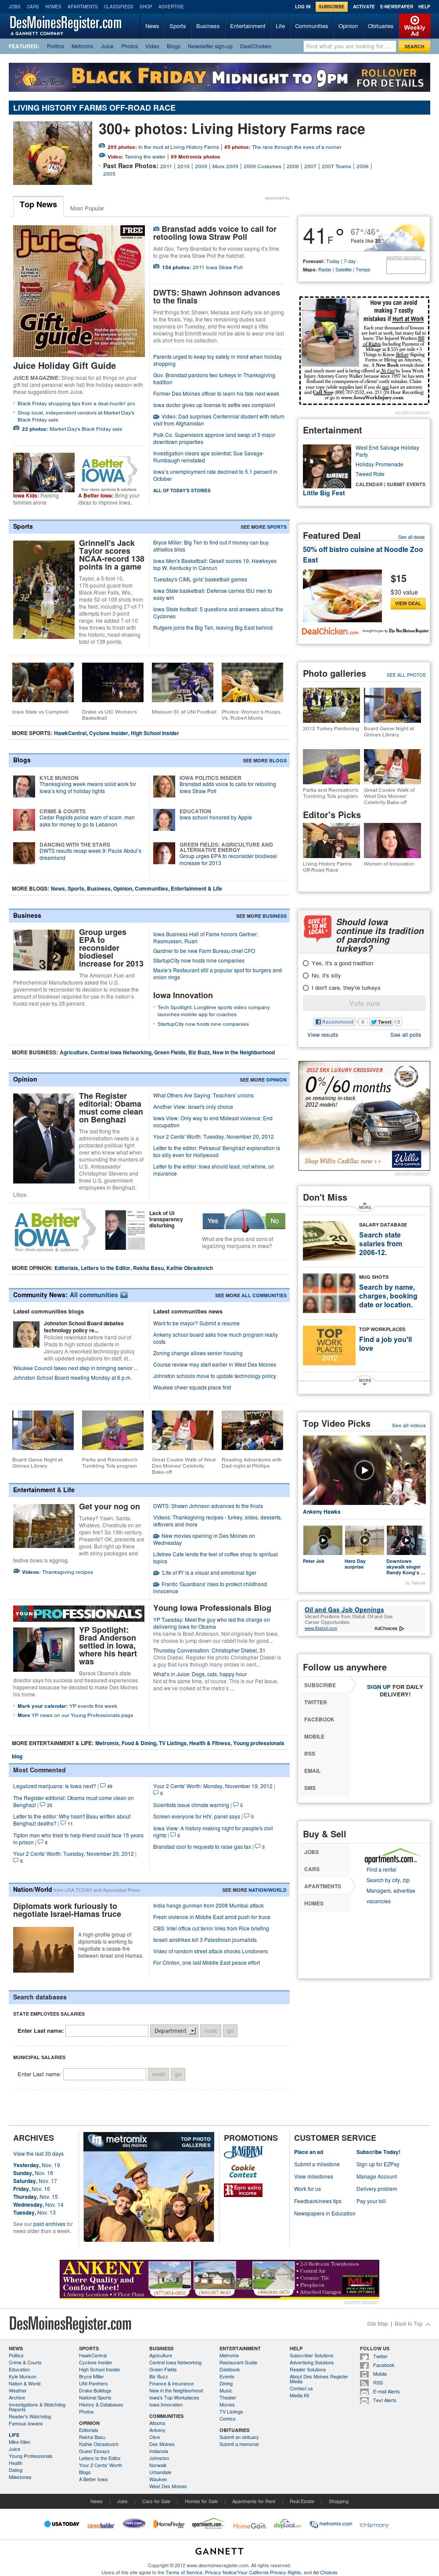 DesMoinesRegister.com at Wednesday Nov. 21, 2012, 8:06 a.m. UTC